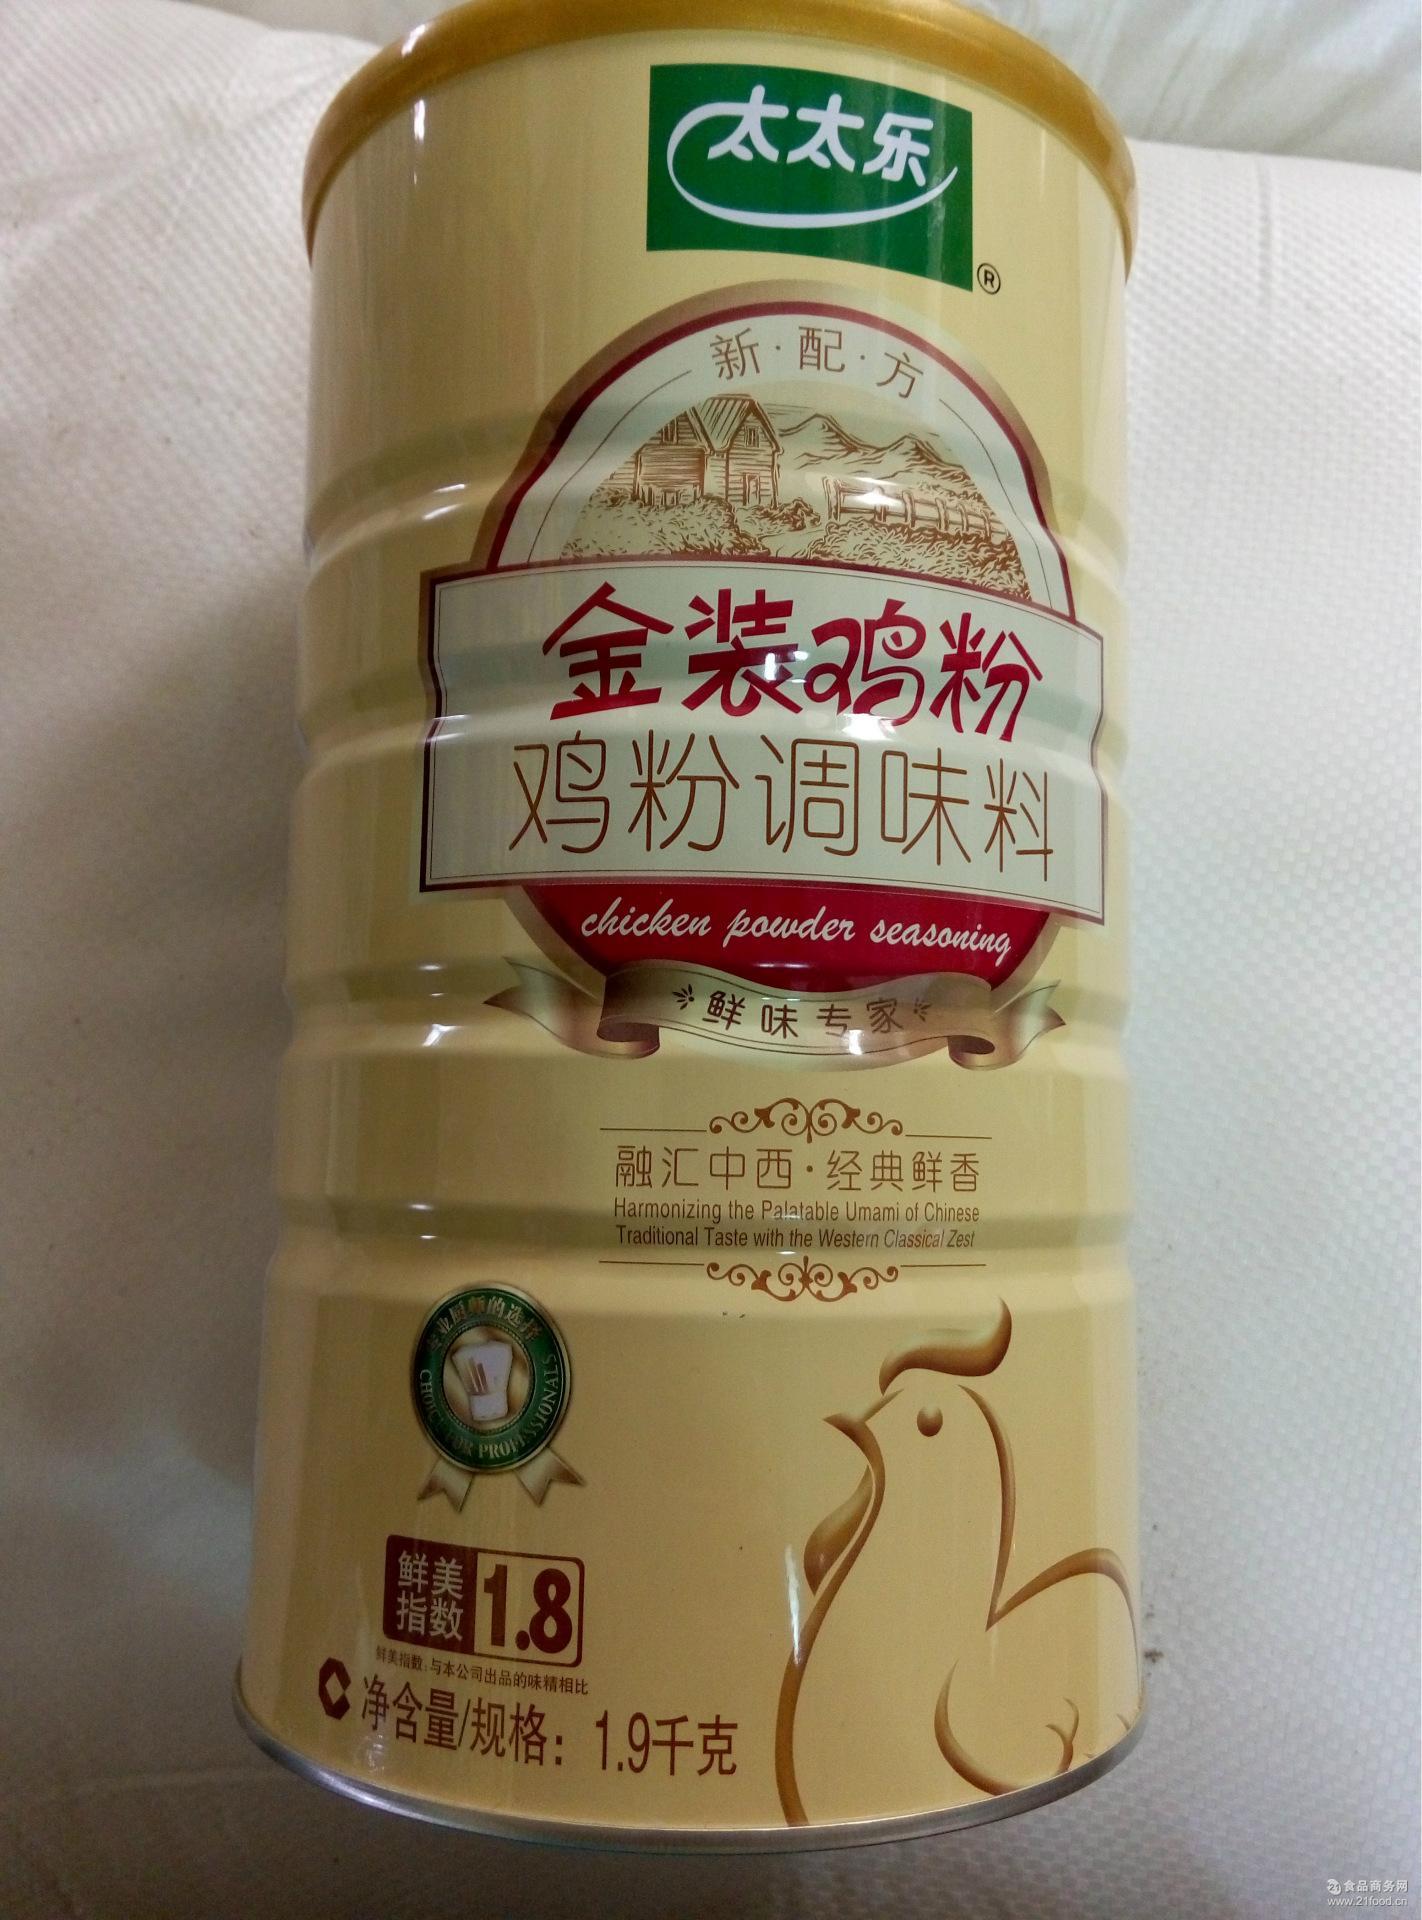 天天了新配方金装鸡粉鲜美指数1.8鸡粉调味料1.9kg罐装